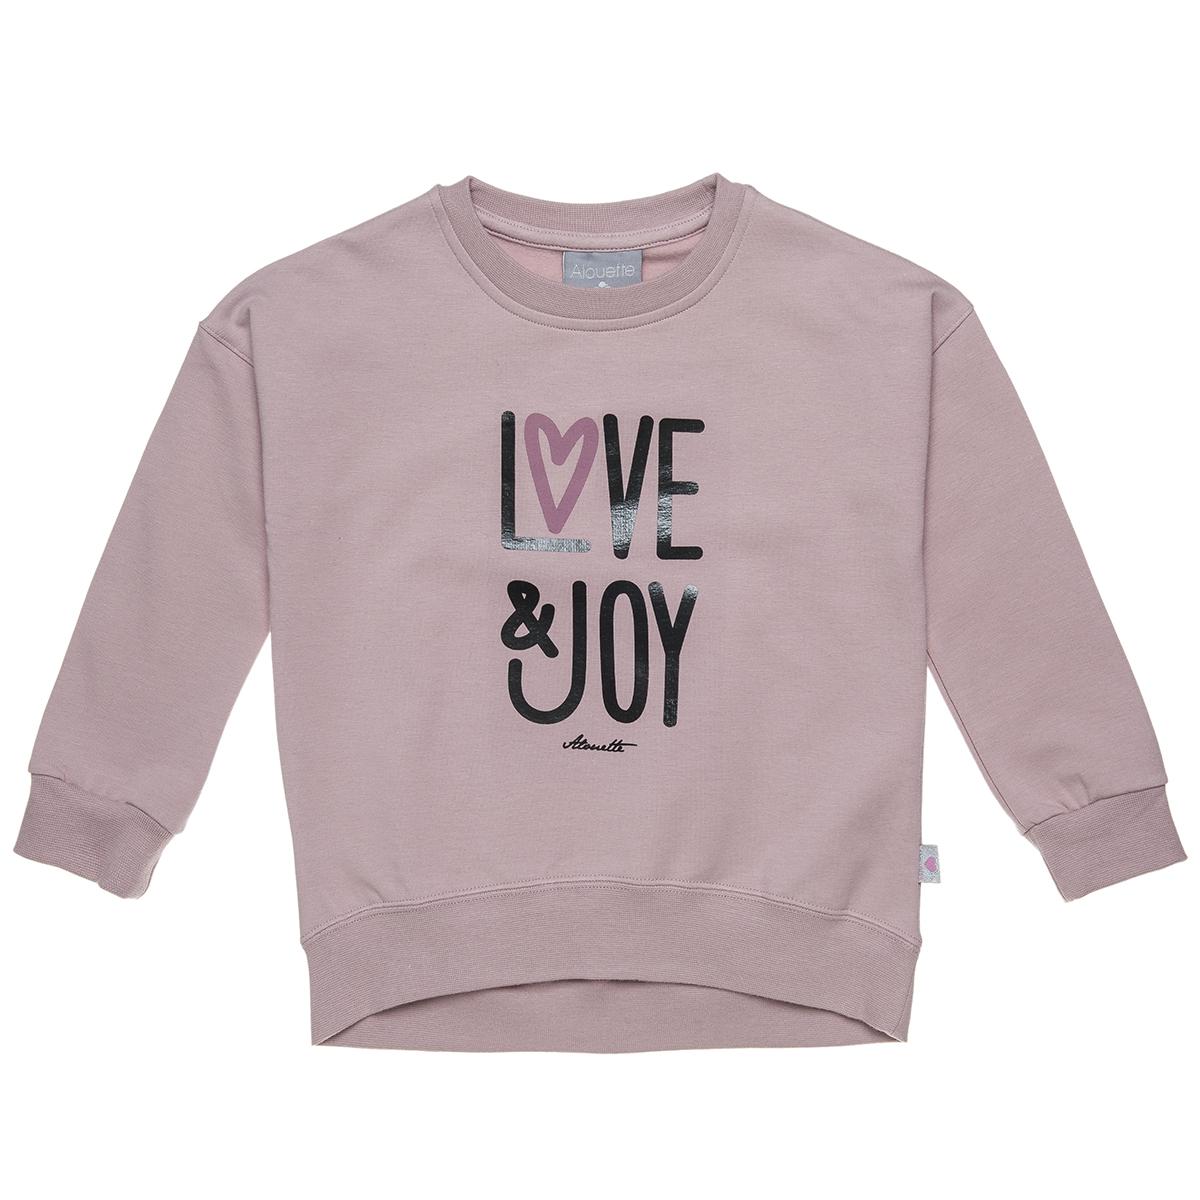 Μπλούζα με γυαλιστερό lettering τύπωμα (Κορίτσι 2-5 ετών) 00221266 - Ροζ - 4384-0175/3/12/102